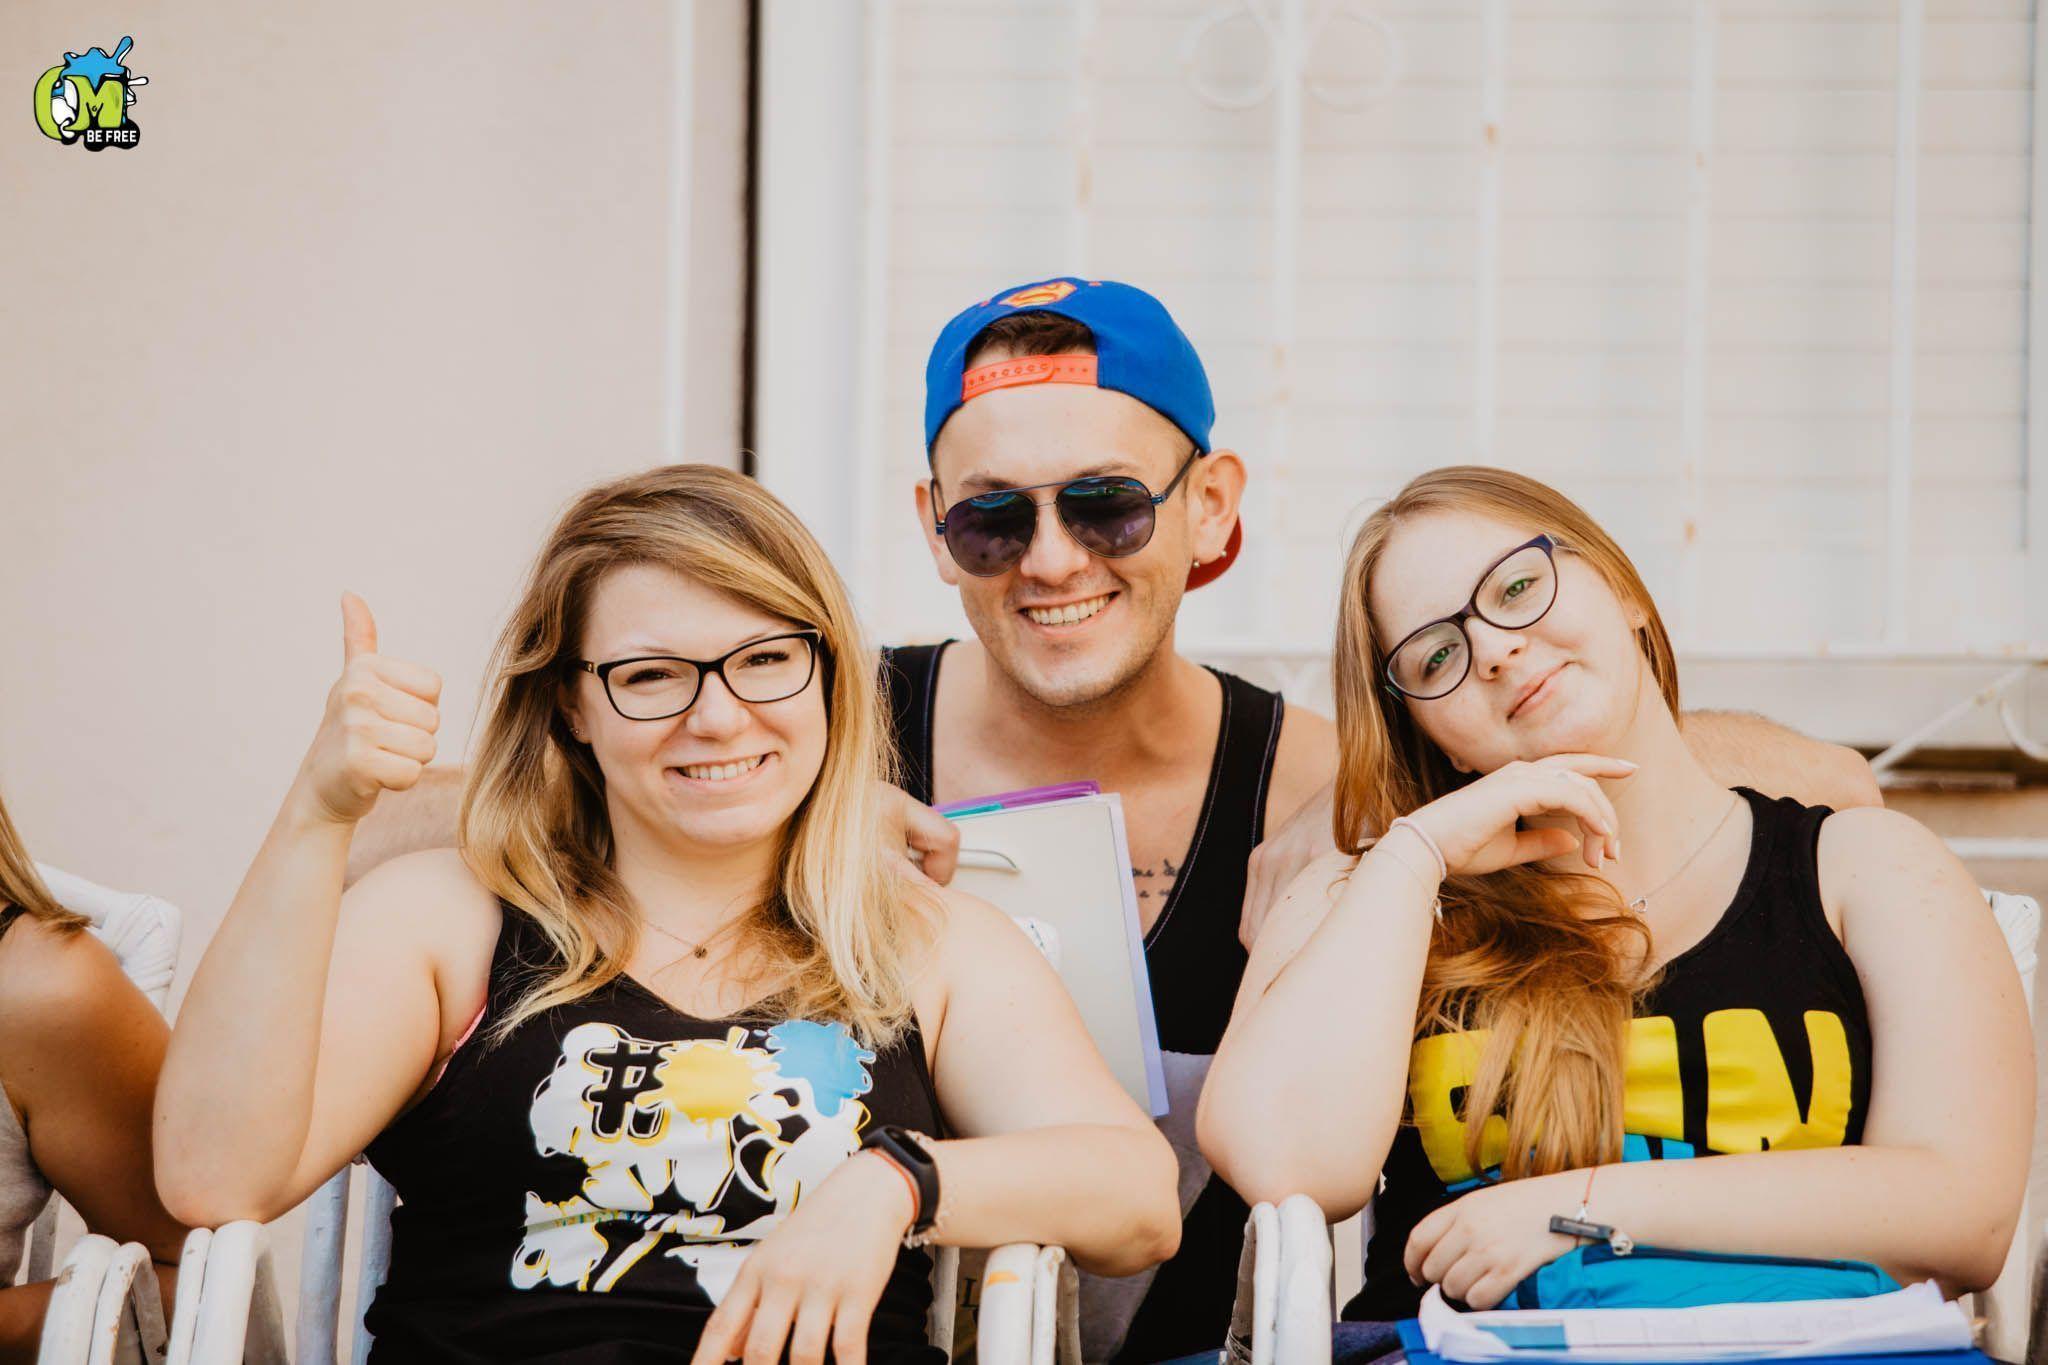 Obóz młodzieżowy w Hiszpanii - Lloret de Mar 2019 - Kadra